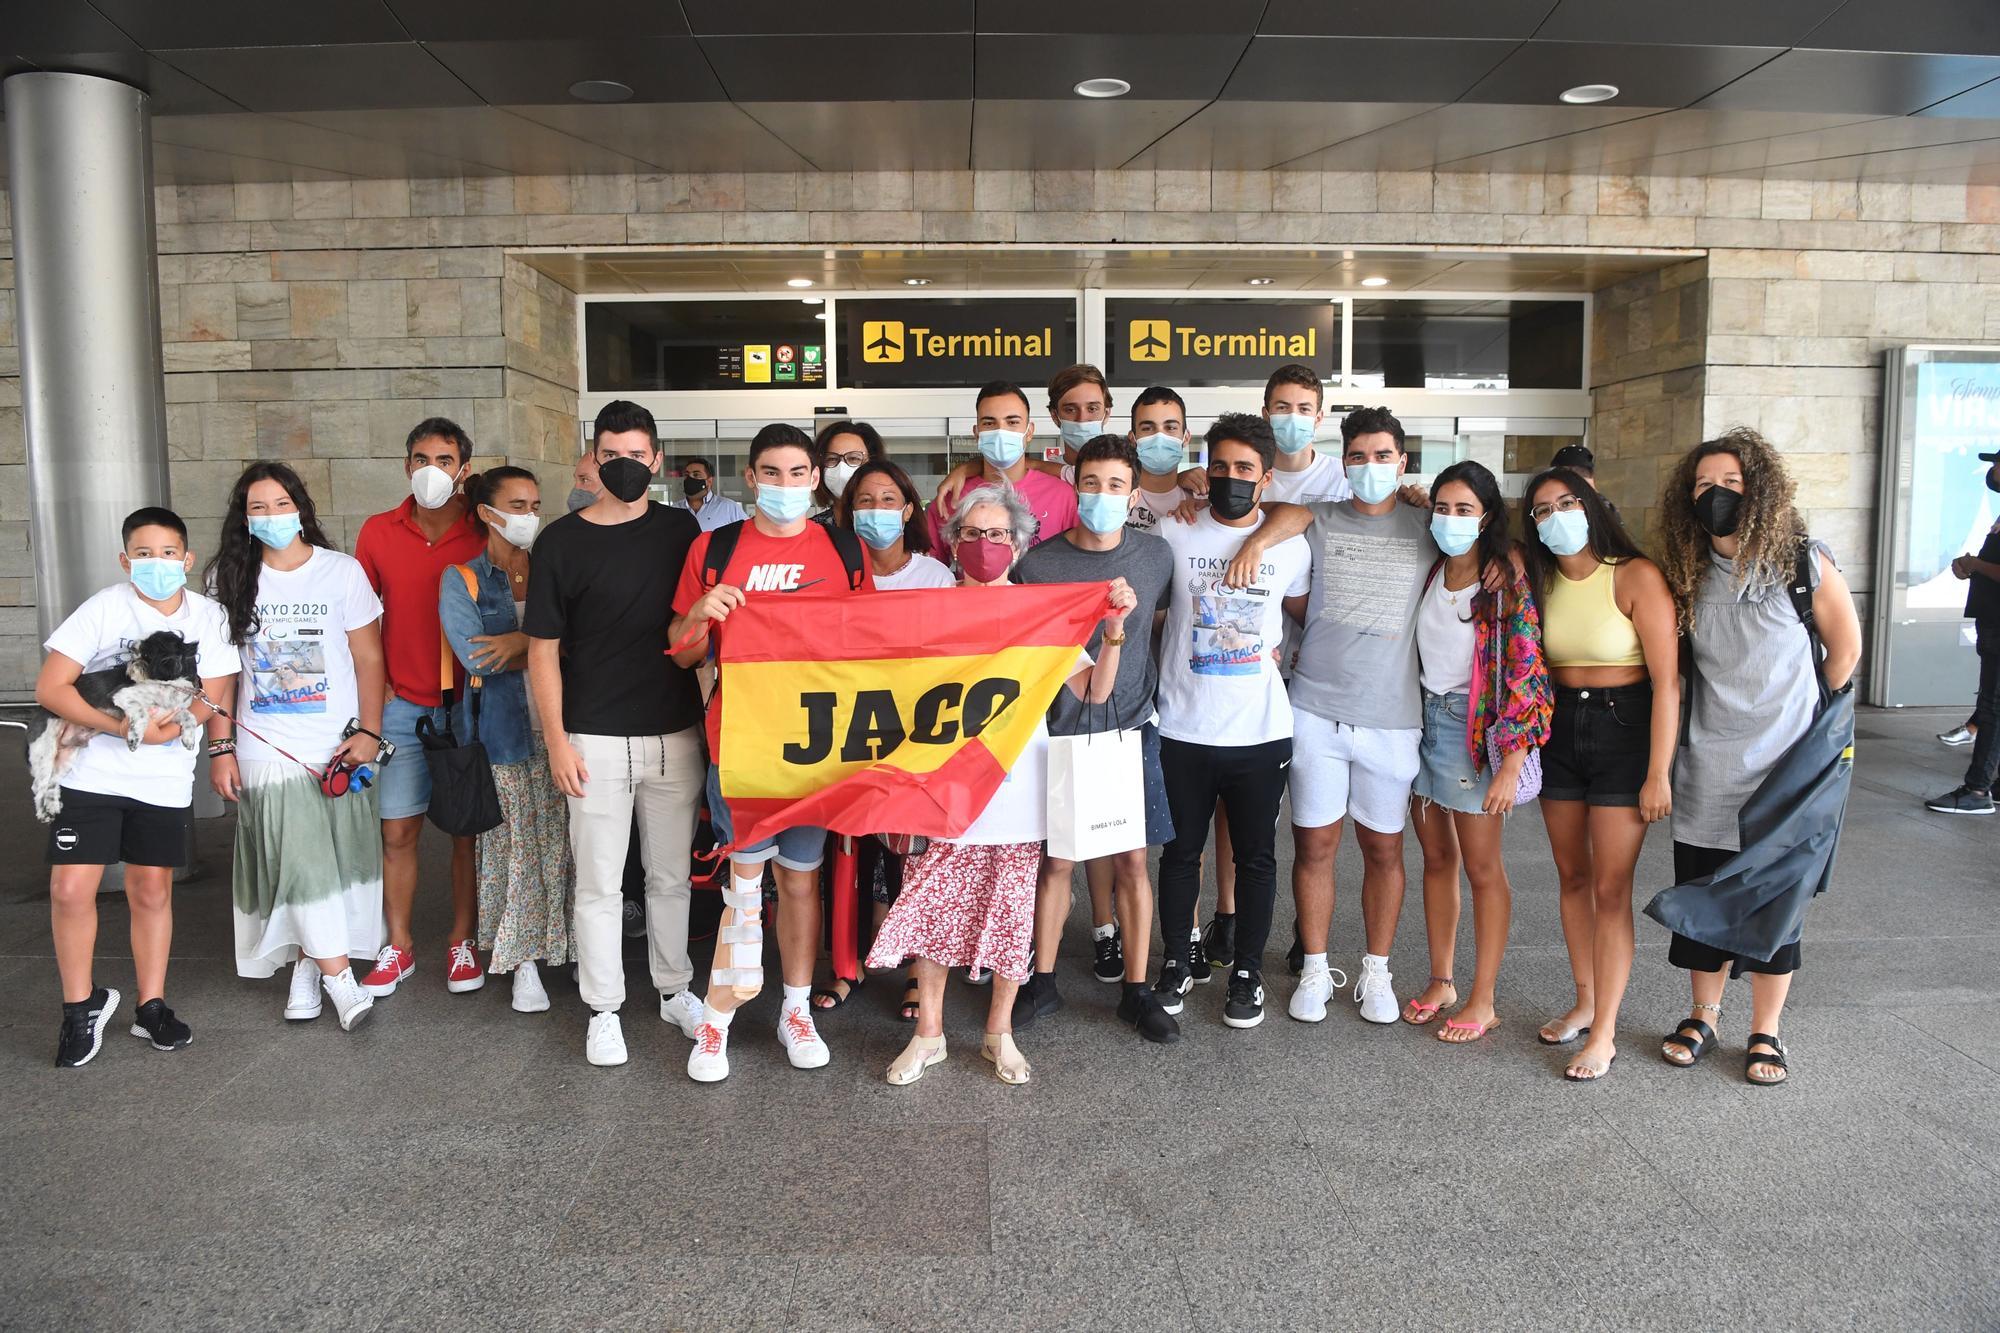 jacobo-garrido (3).jpg